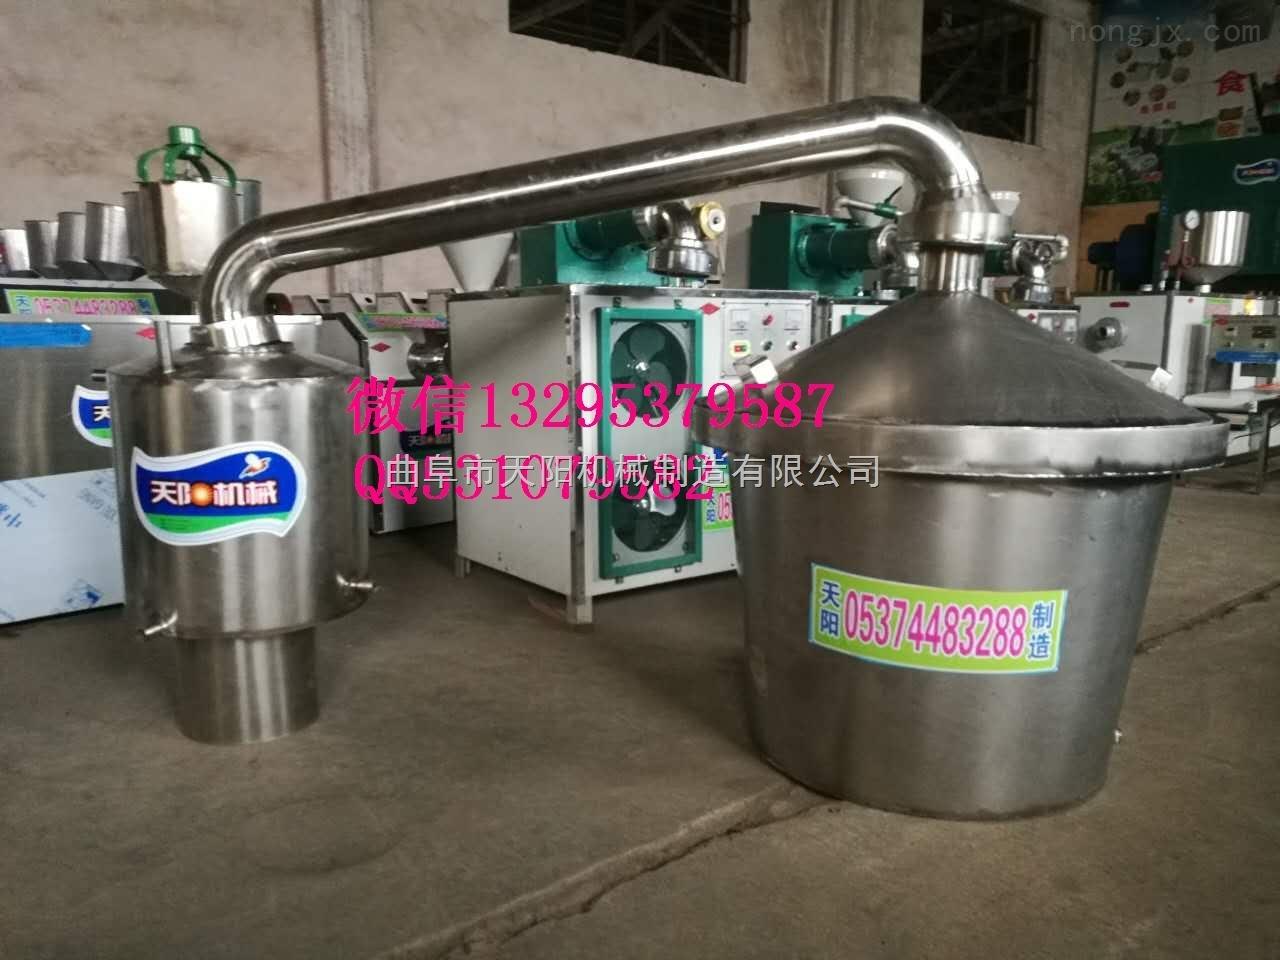 粮食酒烧锅 酿酒设备供应批发